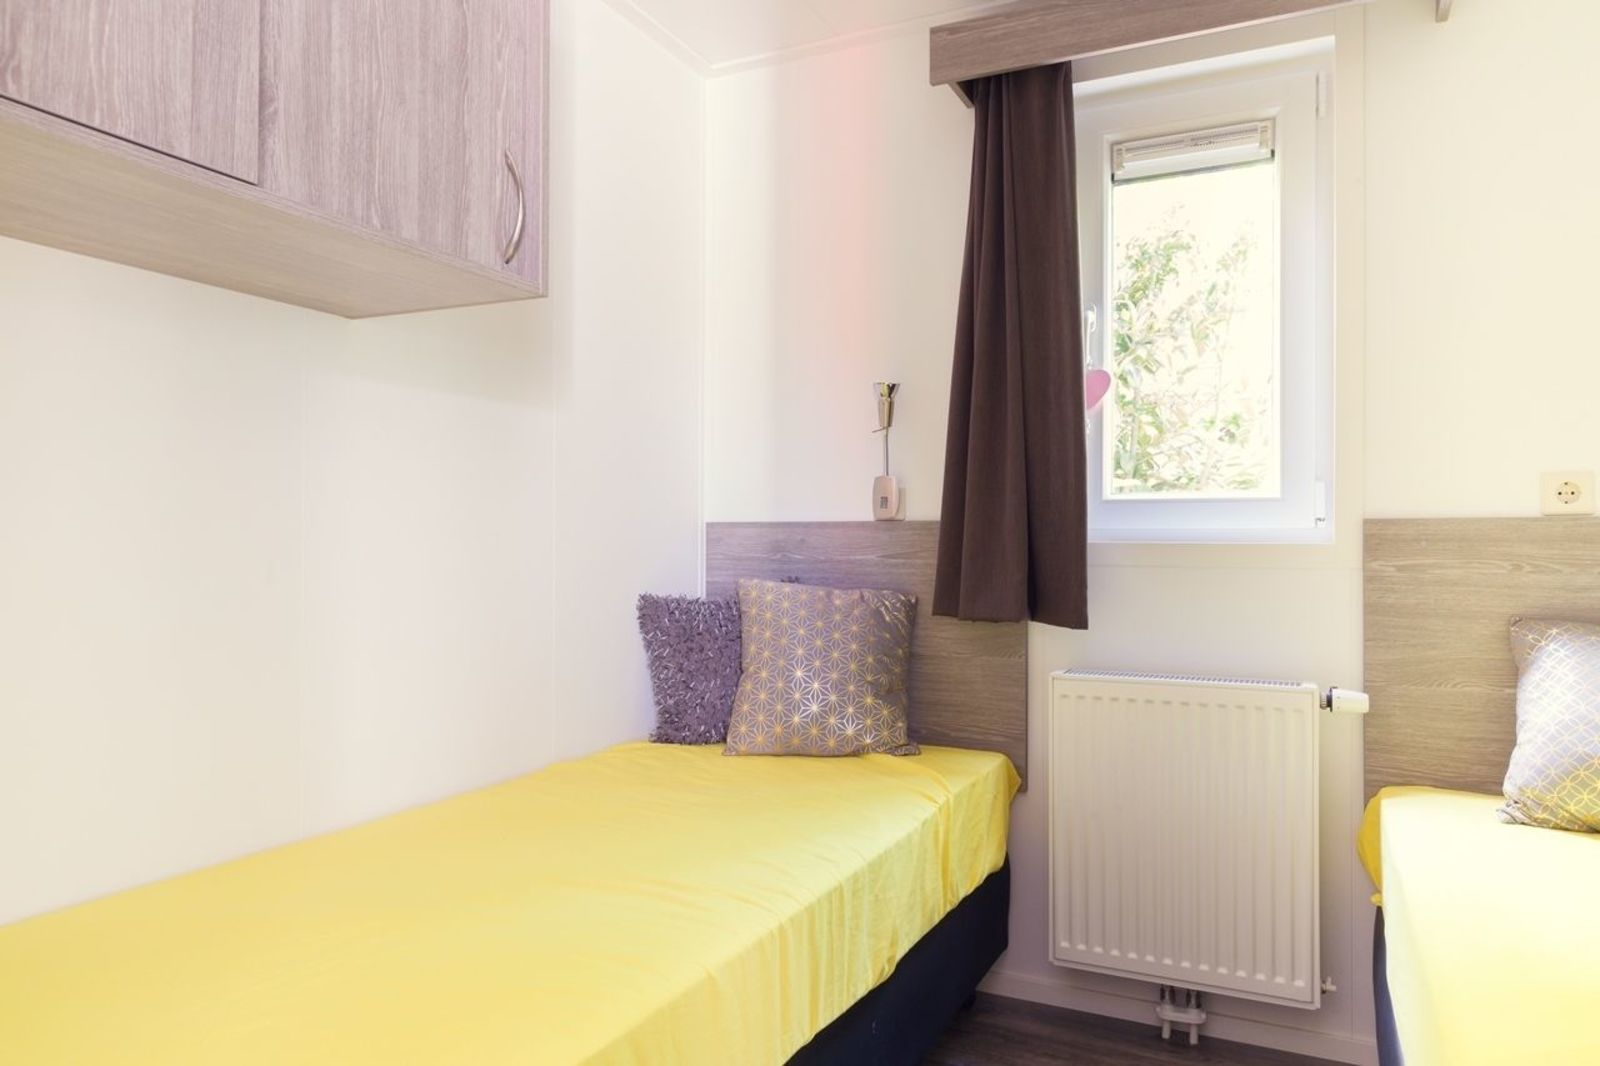 6-Personen-Chalet mit Sauna und 3 Schlafzimmern